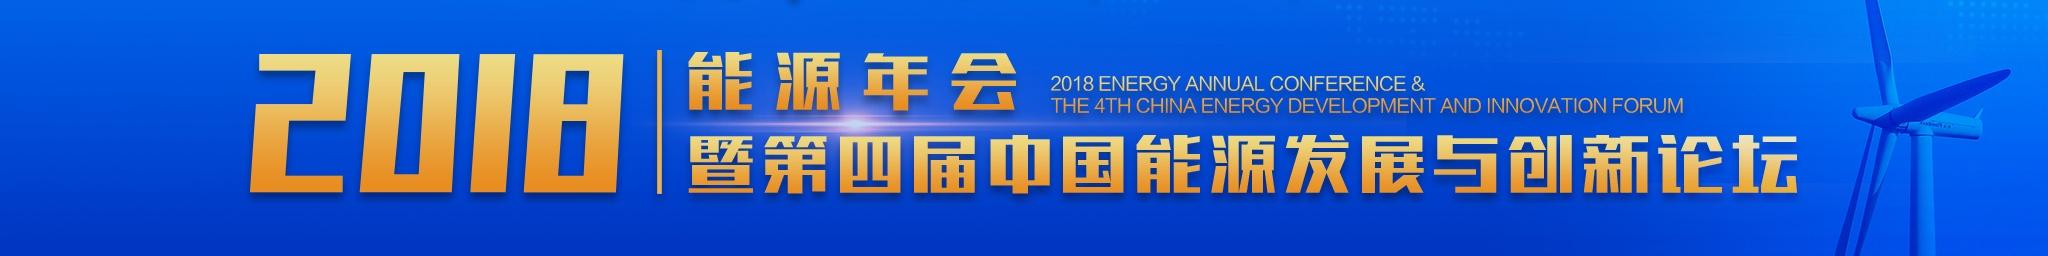 第四届能源发展与创新论坛